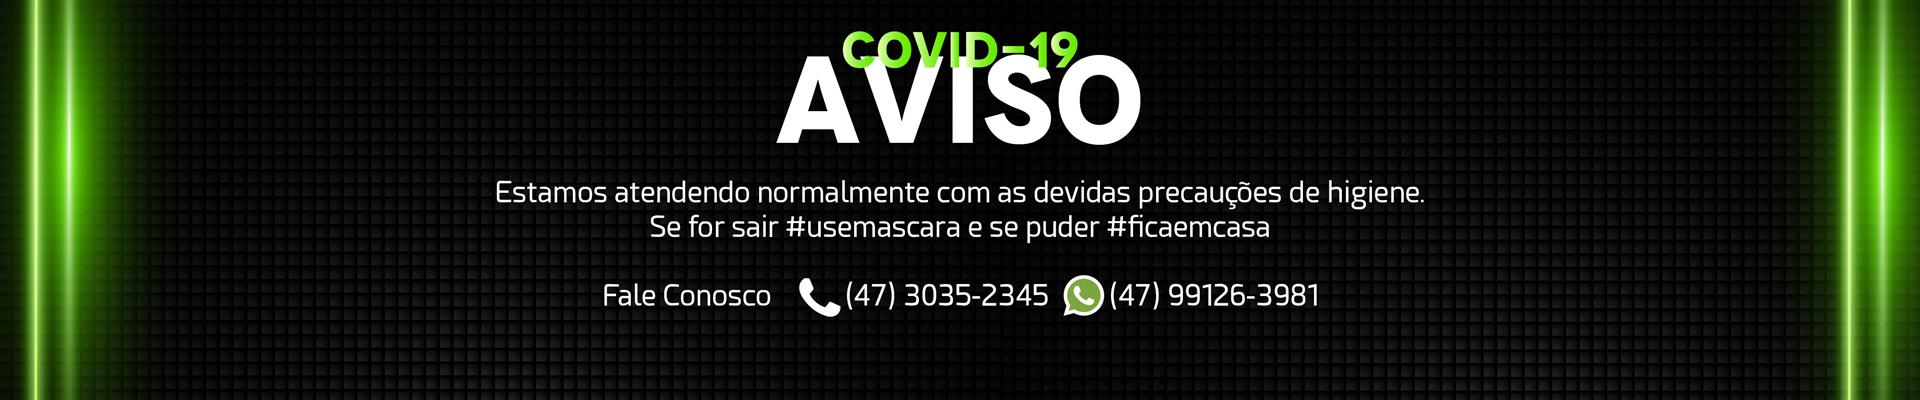 Covid19normal